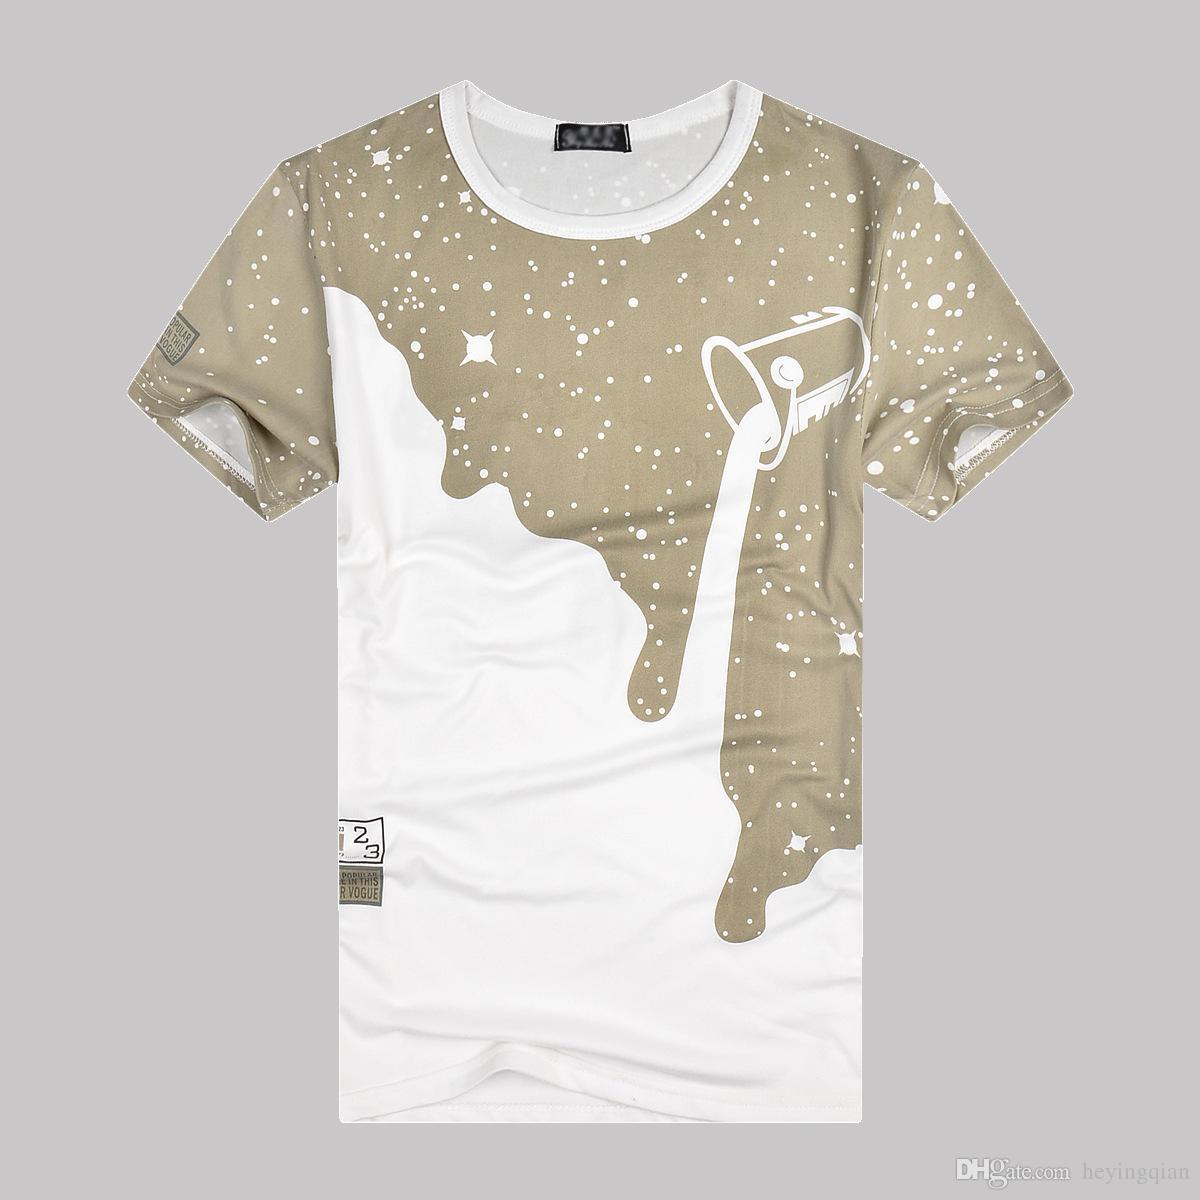 2020 yeni sıcak stil erkek pamuklu yuvarlak yaka kişinin ahlak erkek baskılı tshirt 3D Tasarımcı Giyim M-XXL Golf Tshirt yetiştirmek